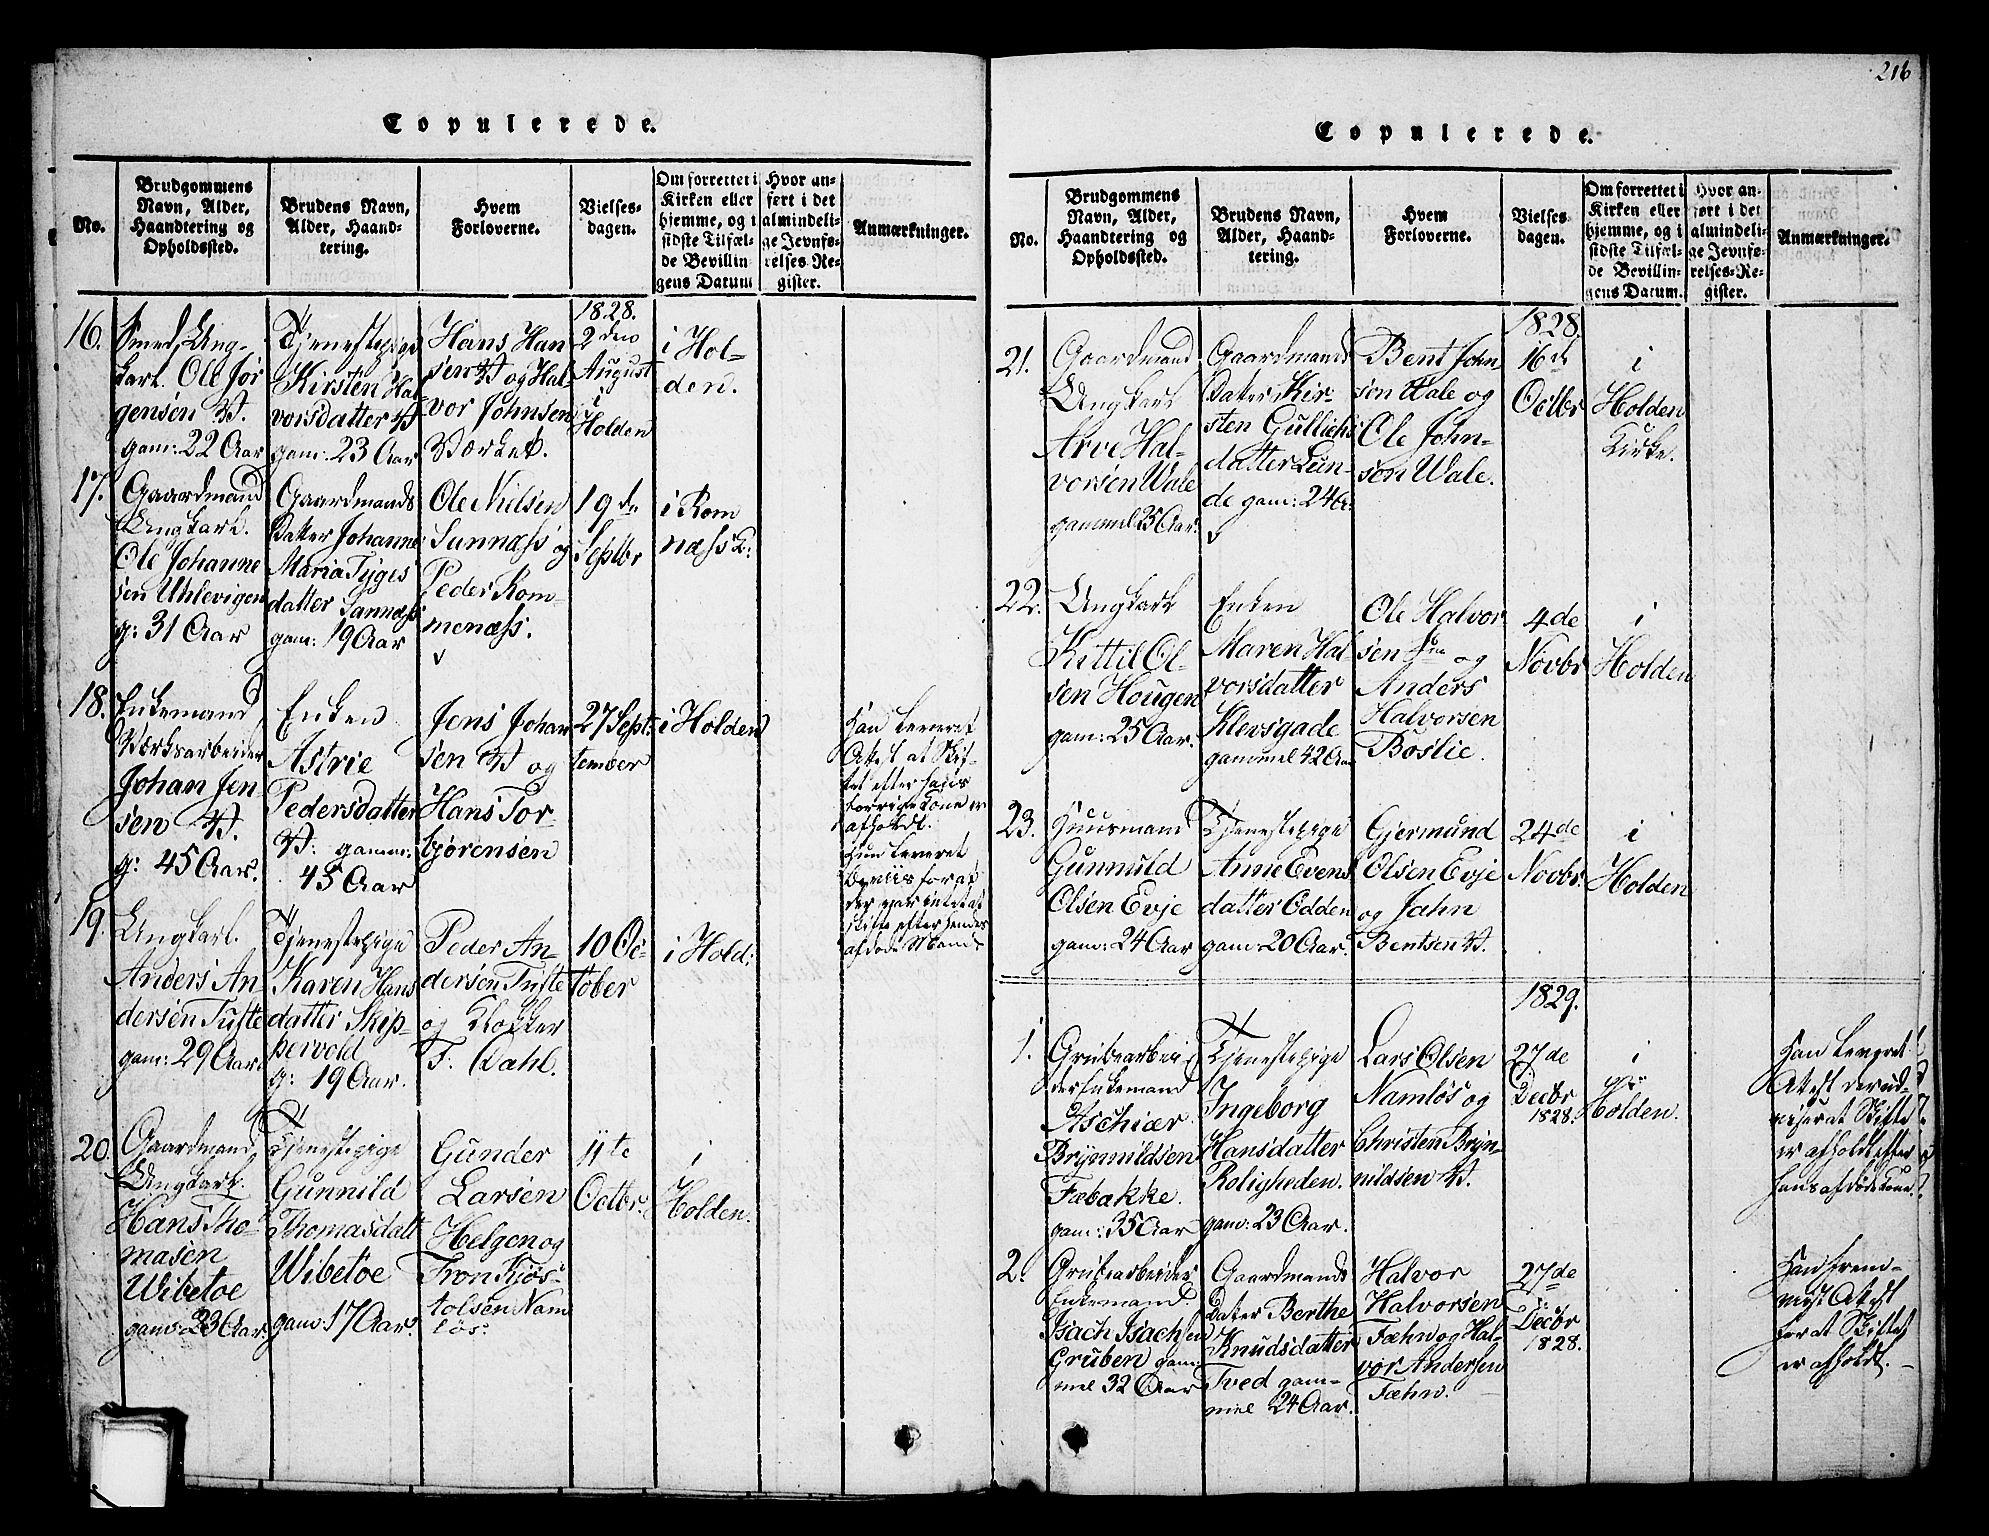 SAKO, Holla kirkebøker, G/Ga/L0001: Klokkerbok nr. I 1, 1814-1830, s. 216